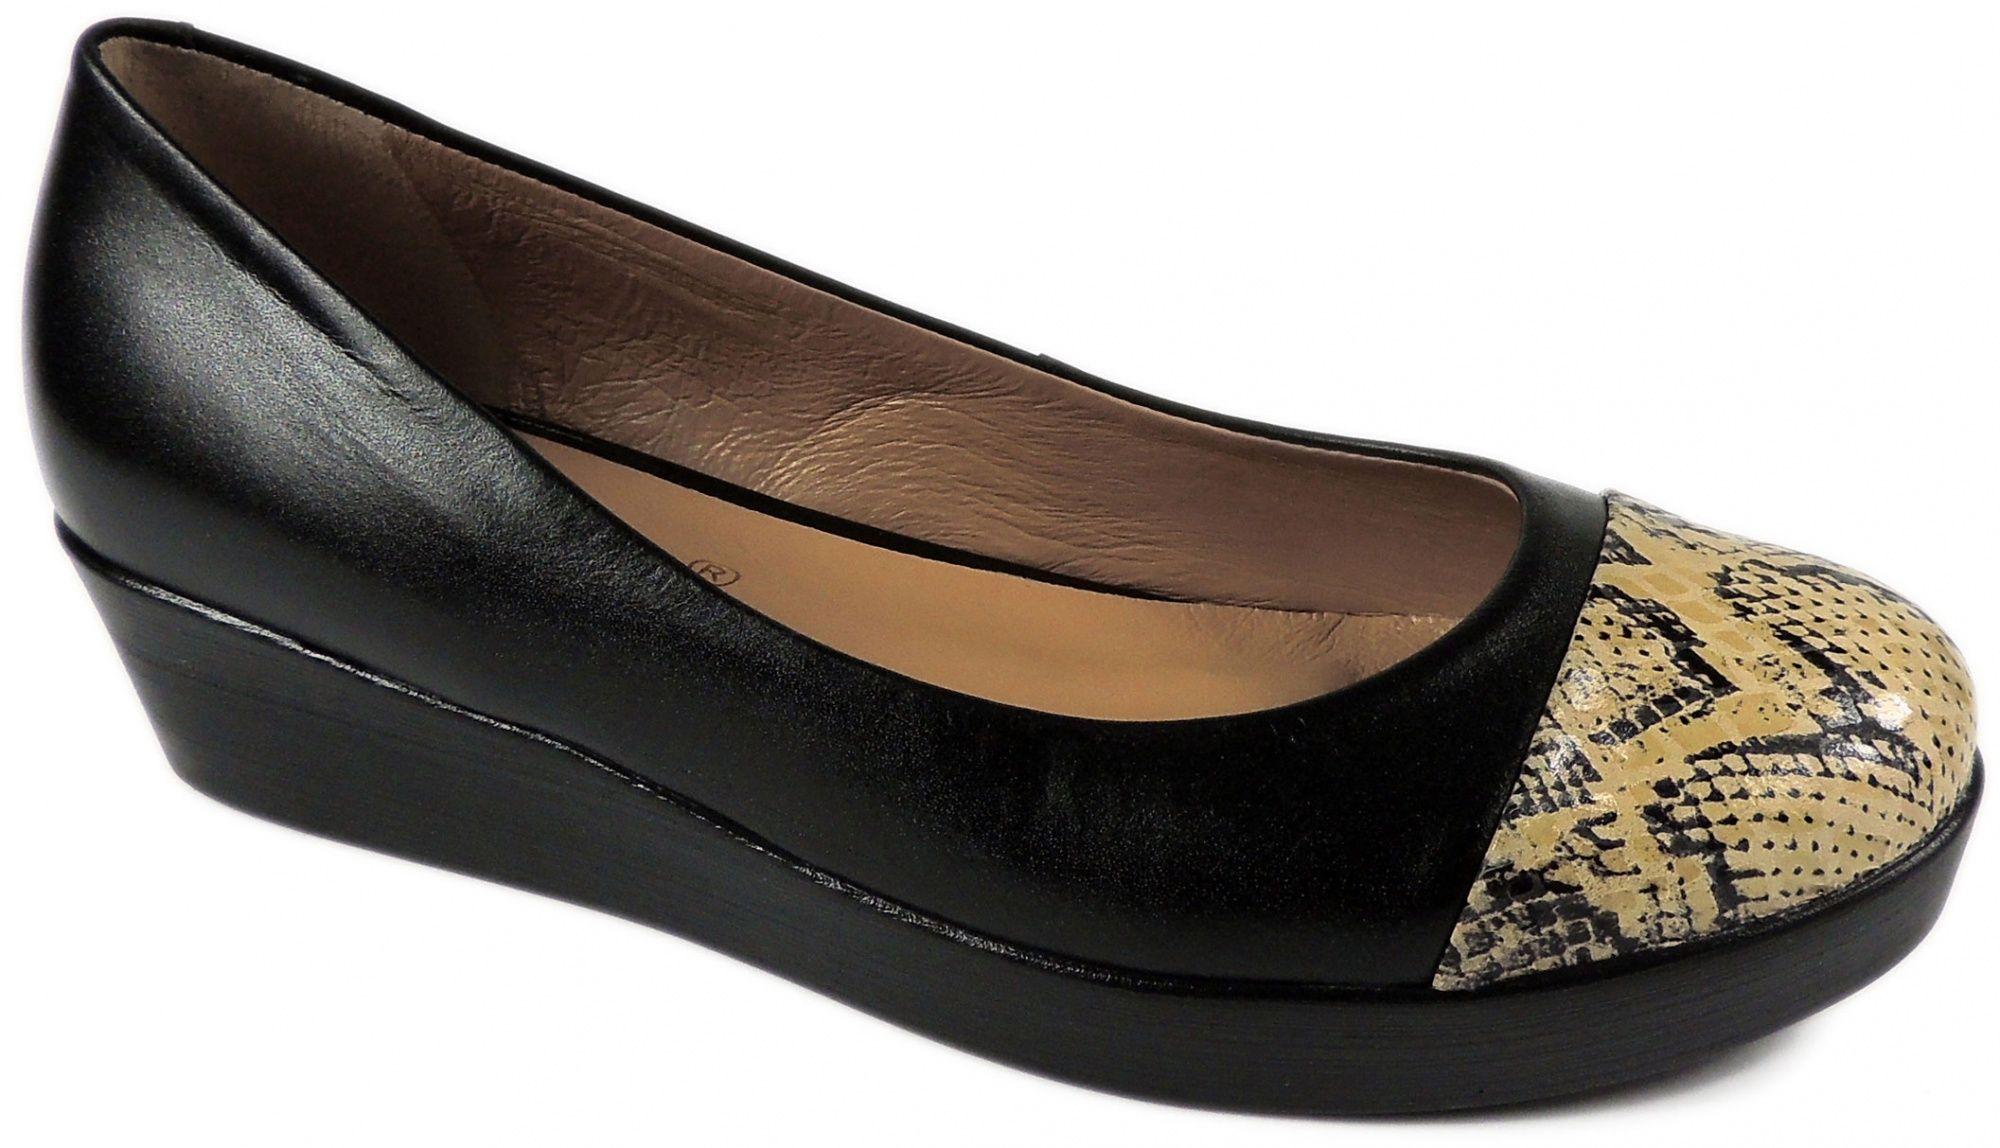 Czolenka 3830243d Czolenka Shoes Wedges Fashion